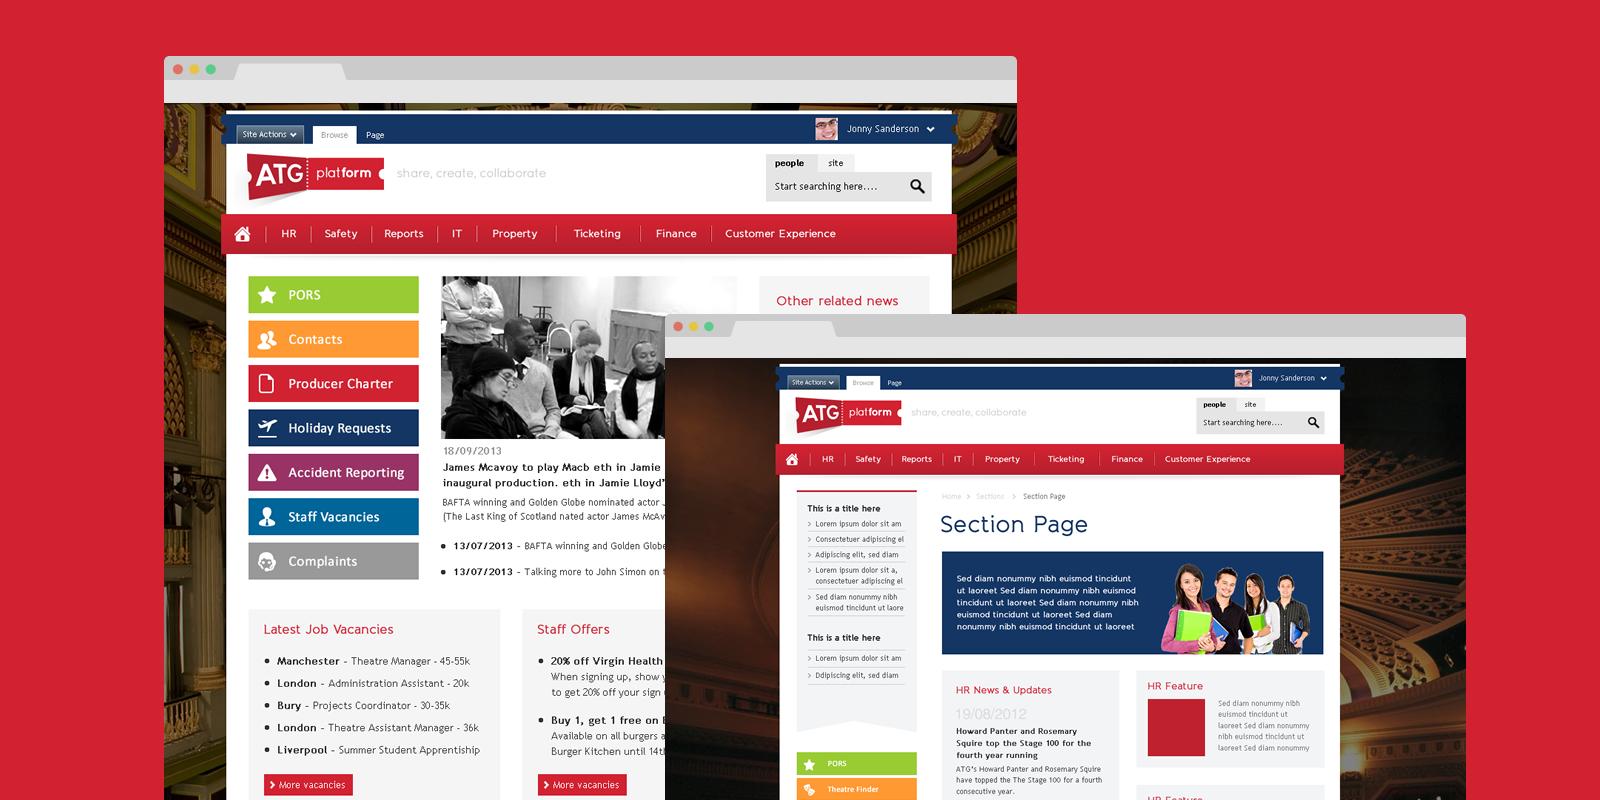 PinkPetrol SharePoint design branding - ATG